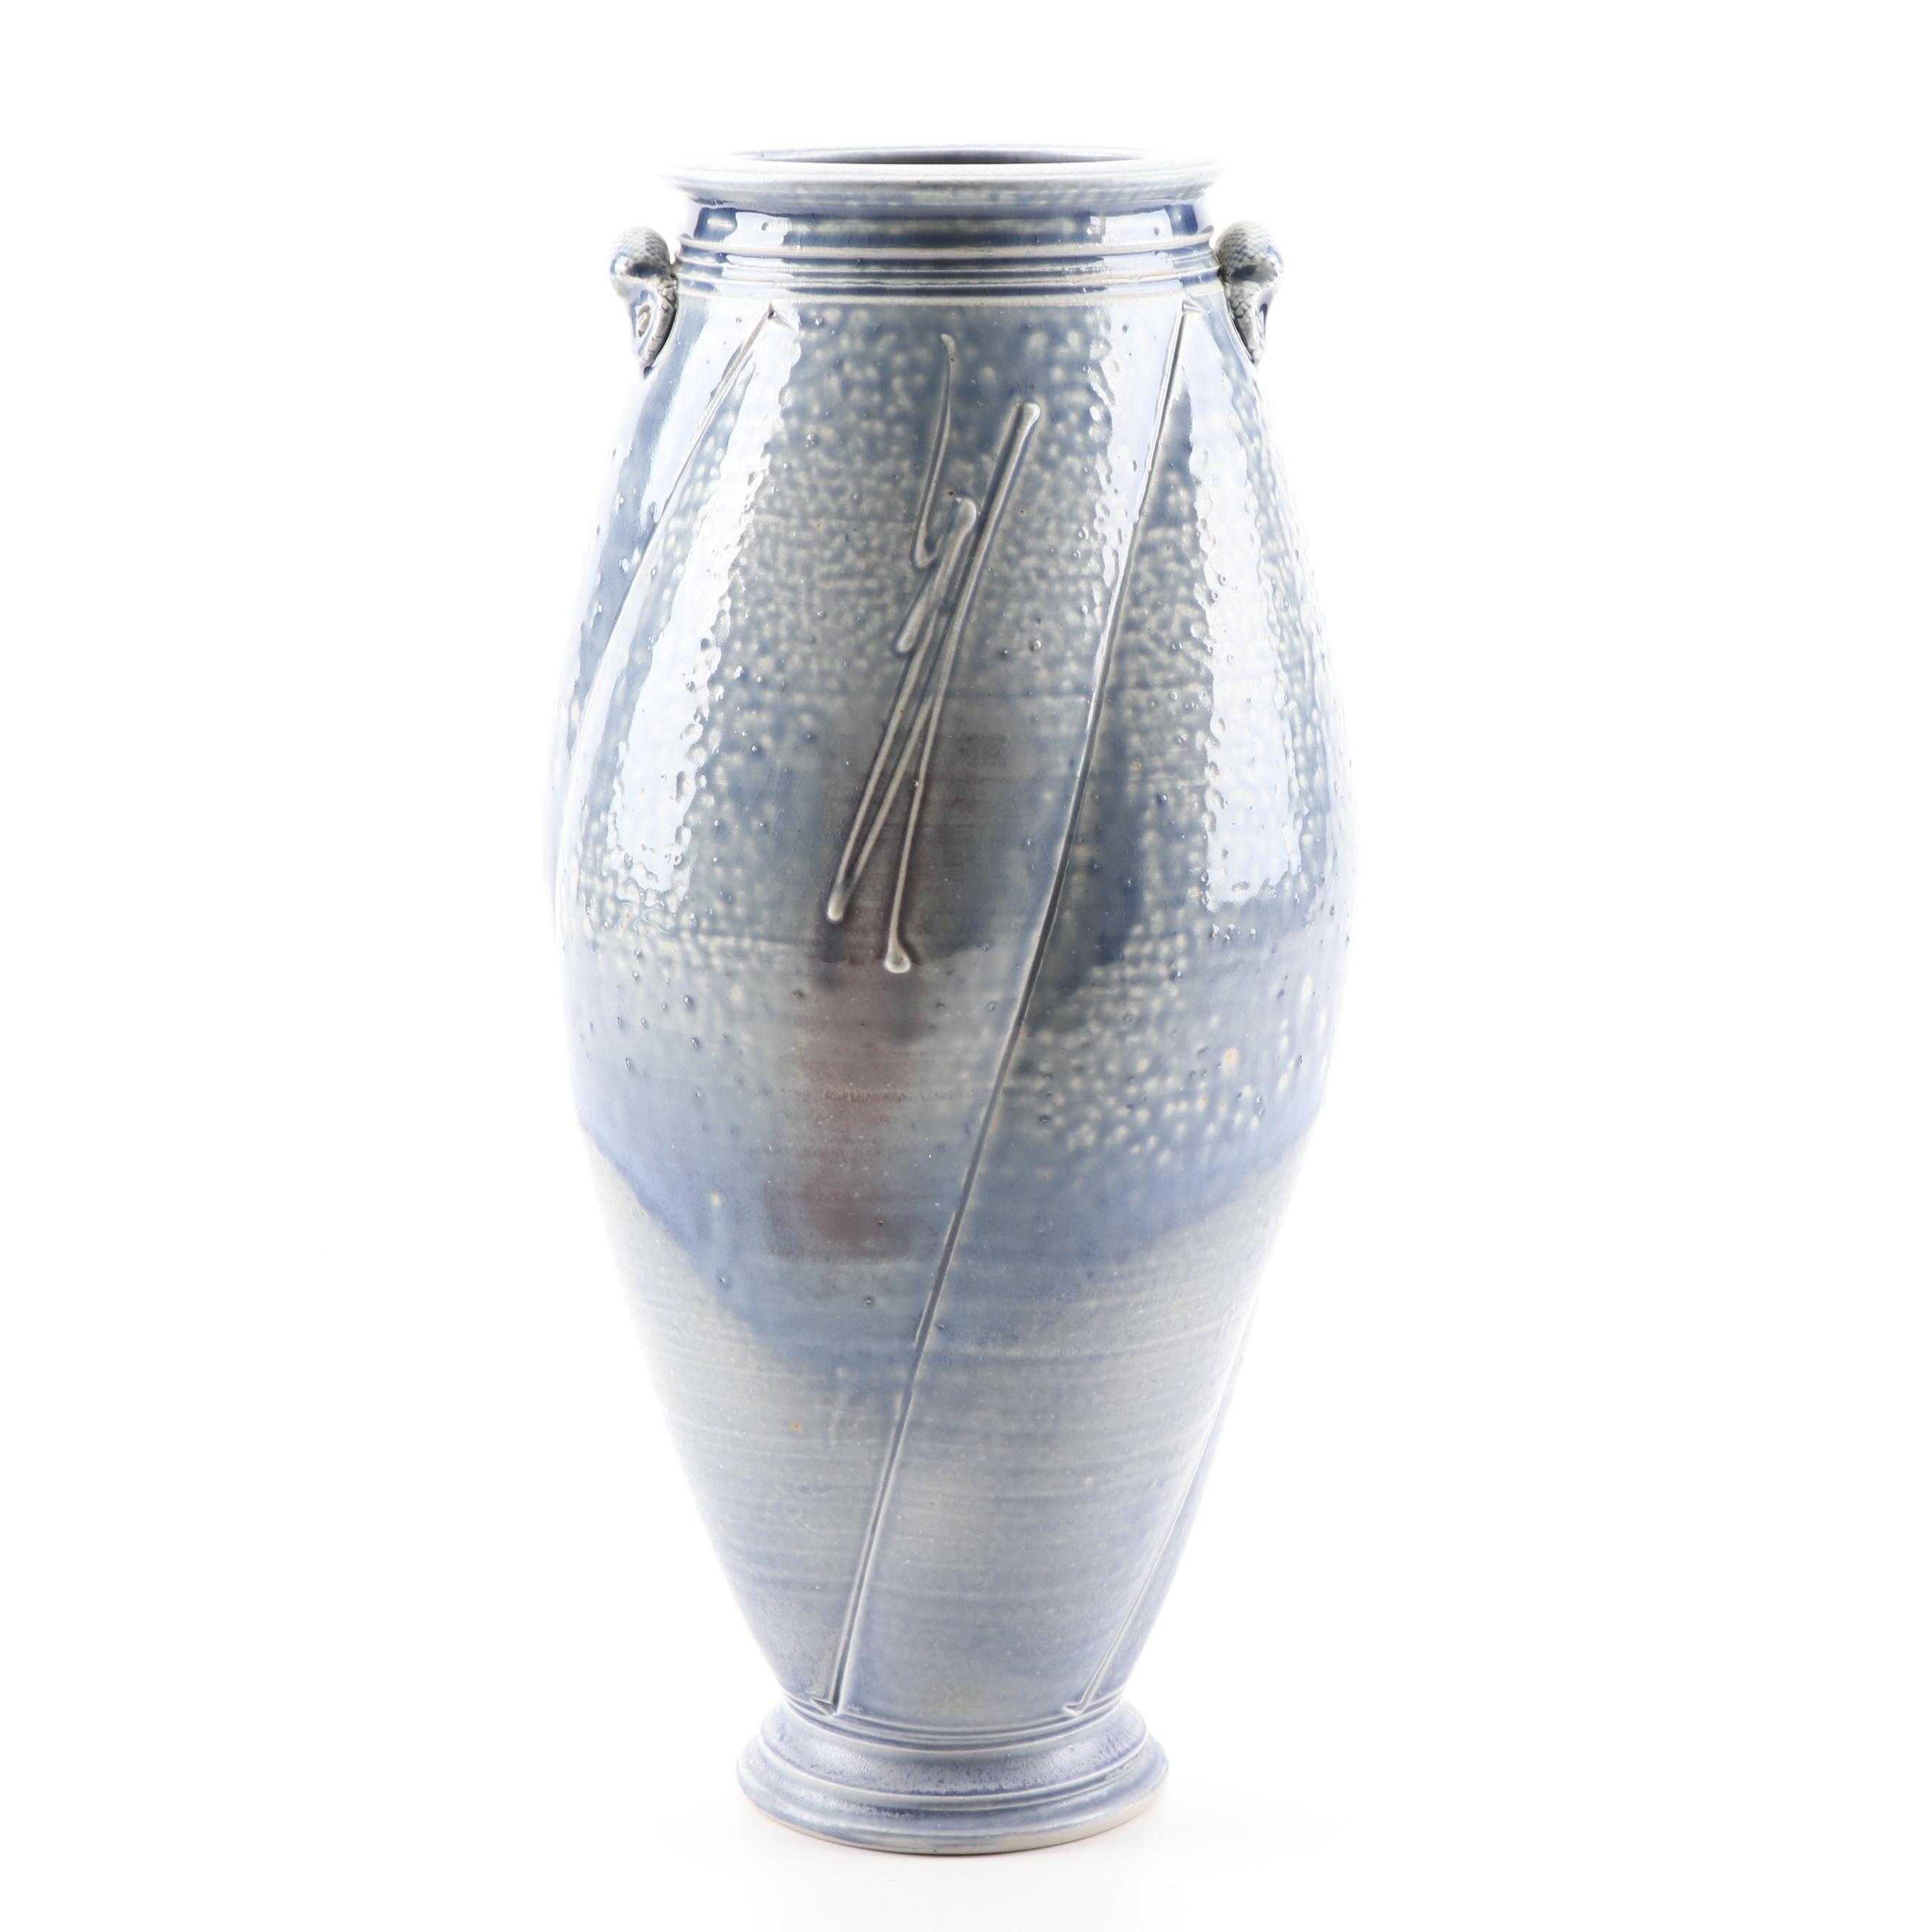 Geoffrey Lloyd Wheel Thrown Porcelain Vase